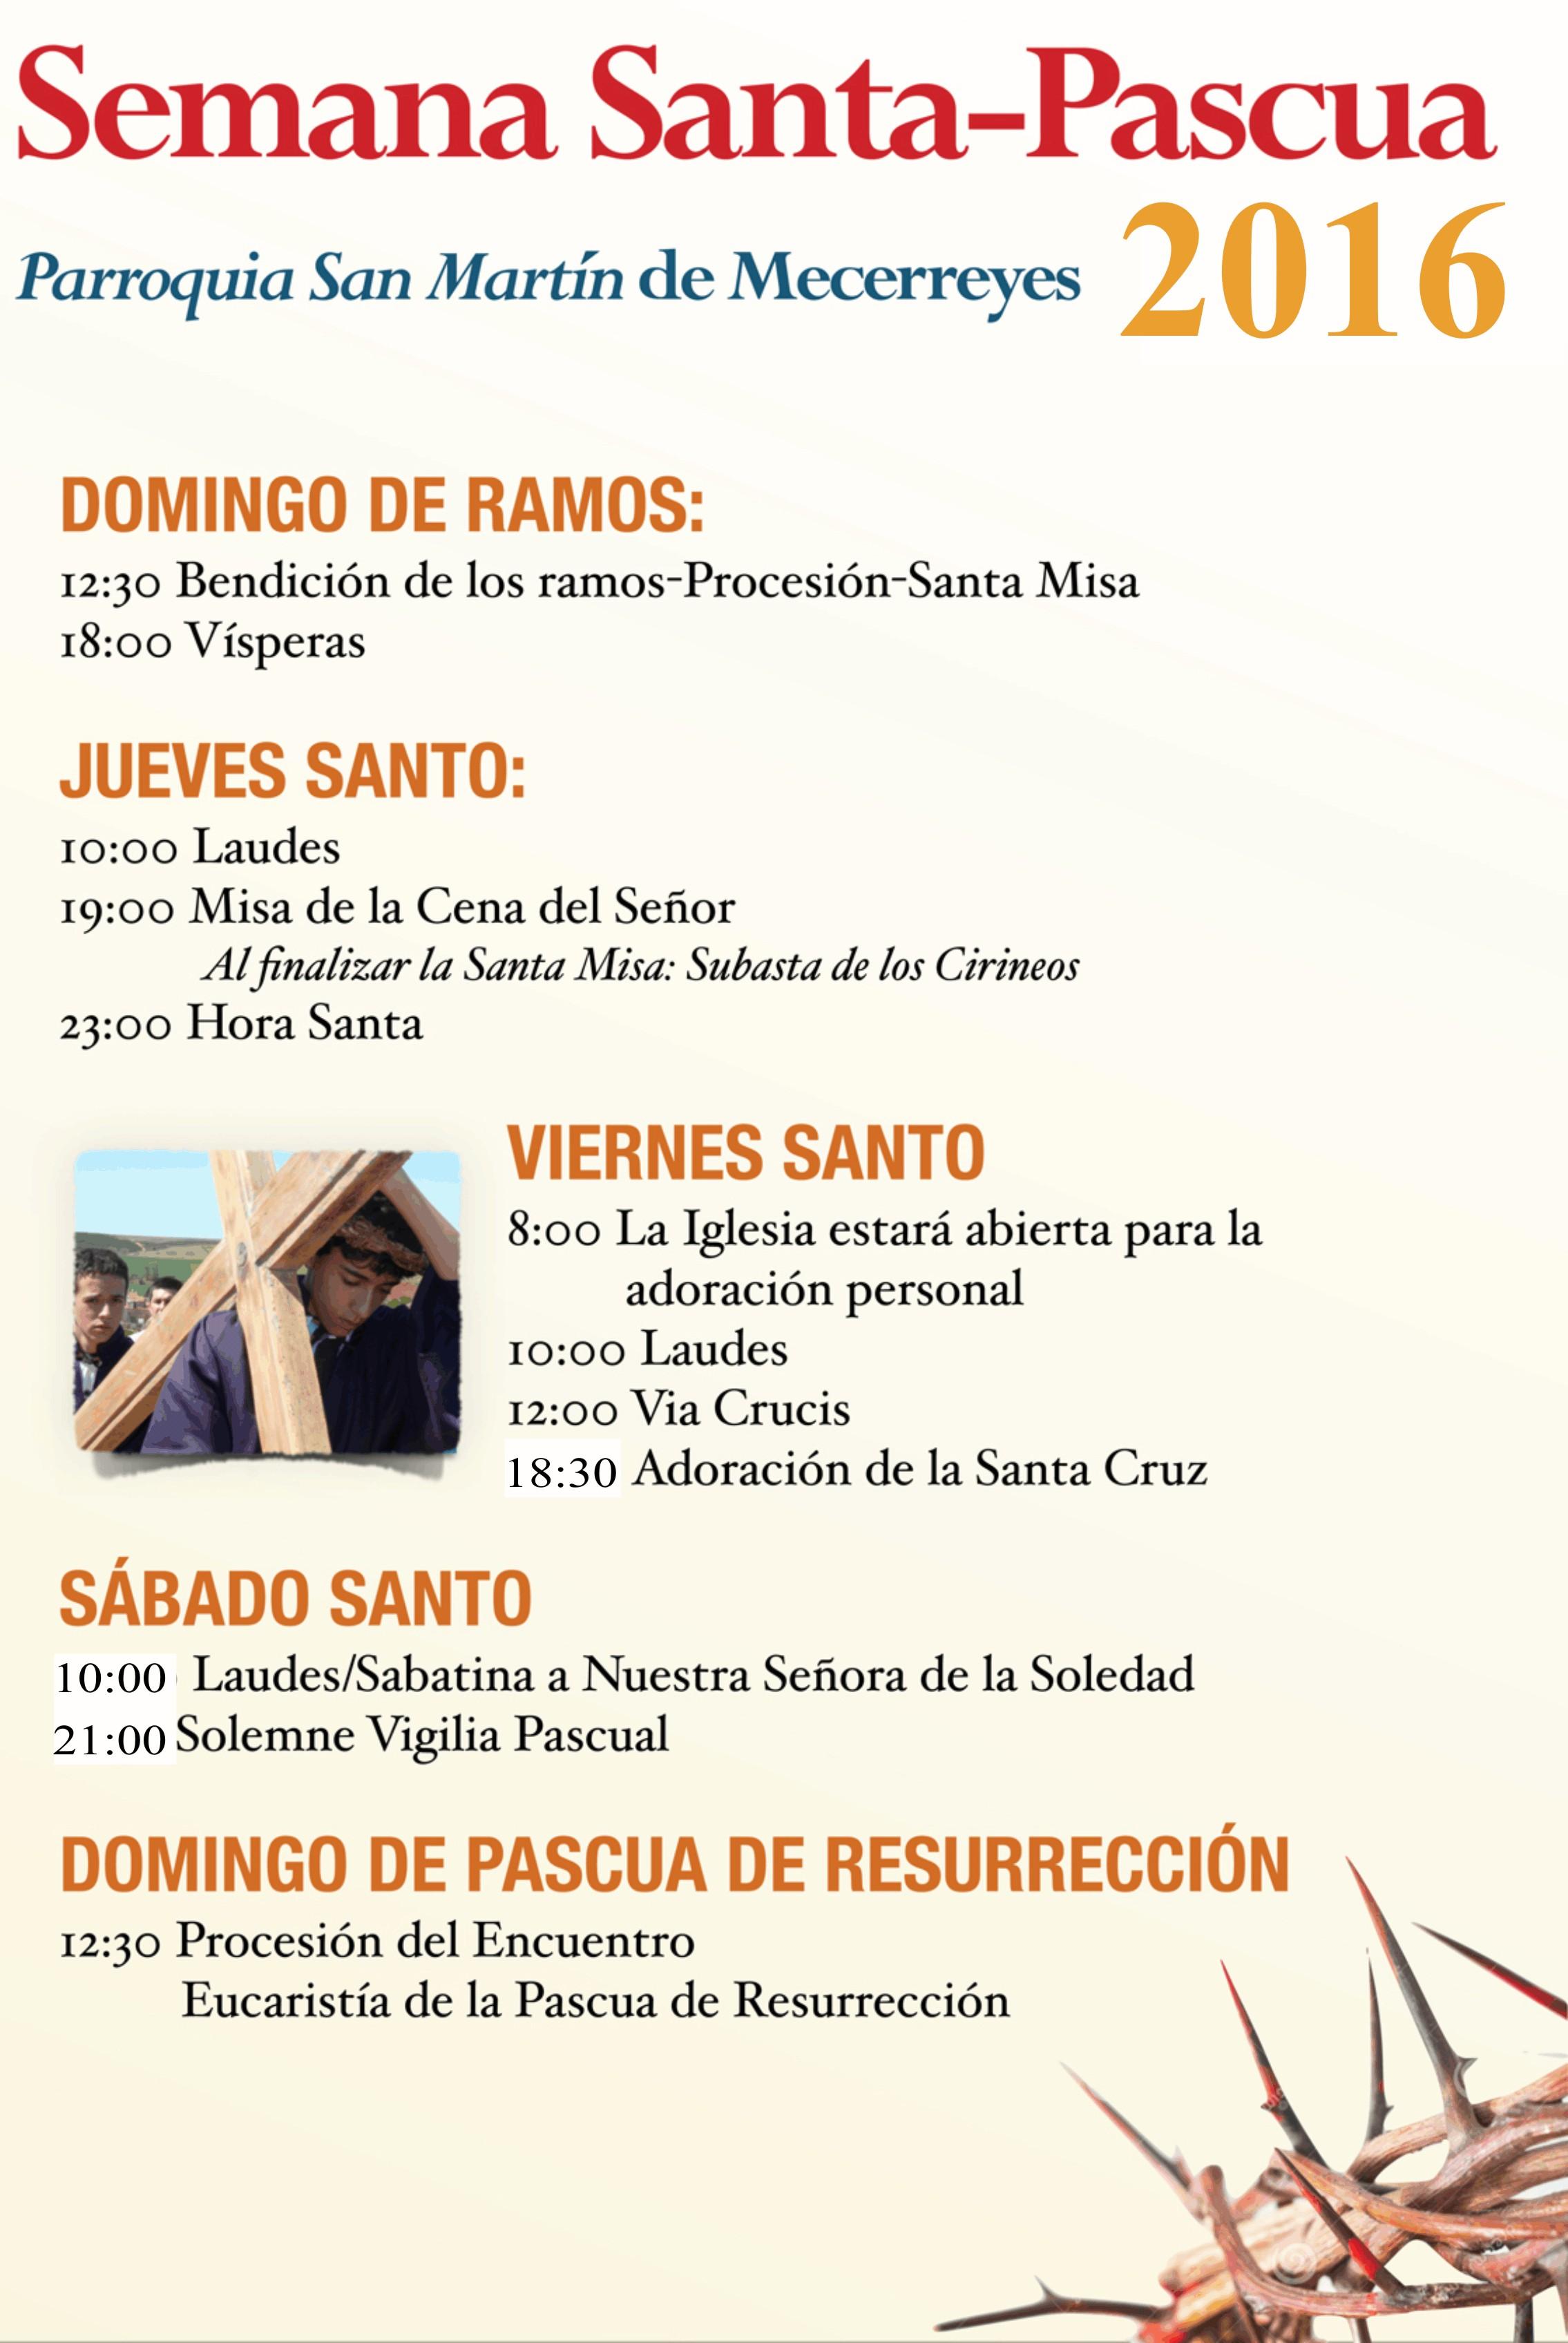 Cartel Semana Santa 2016, Mecerreyes